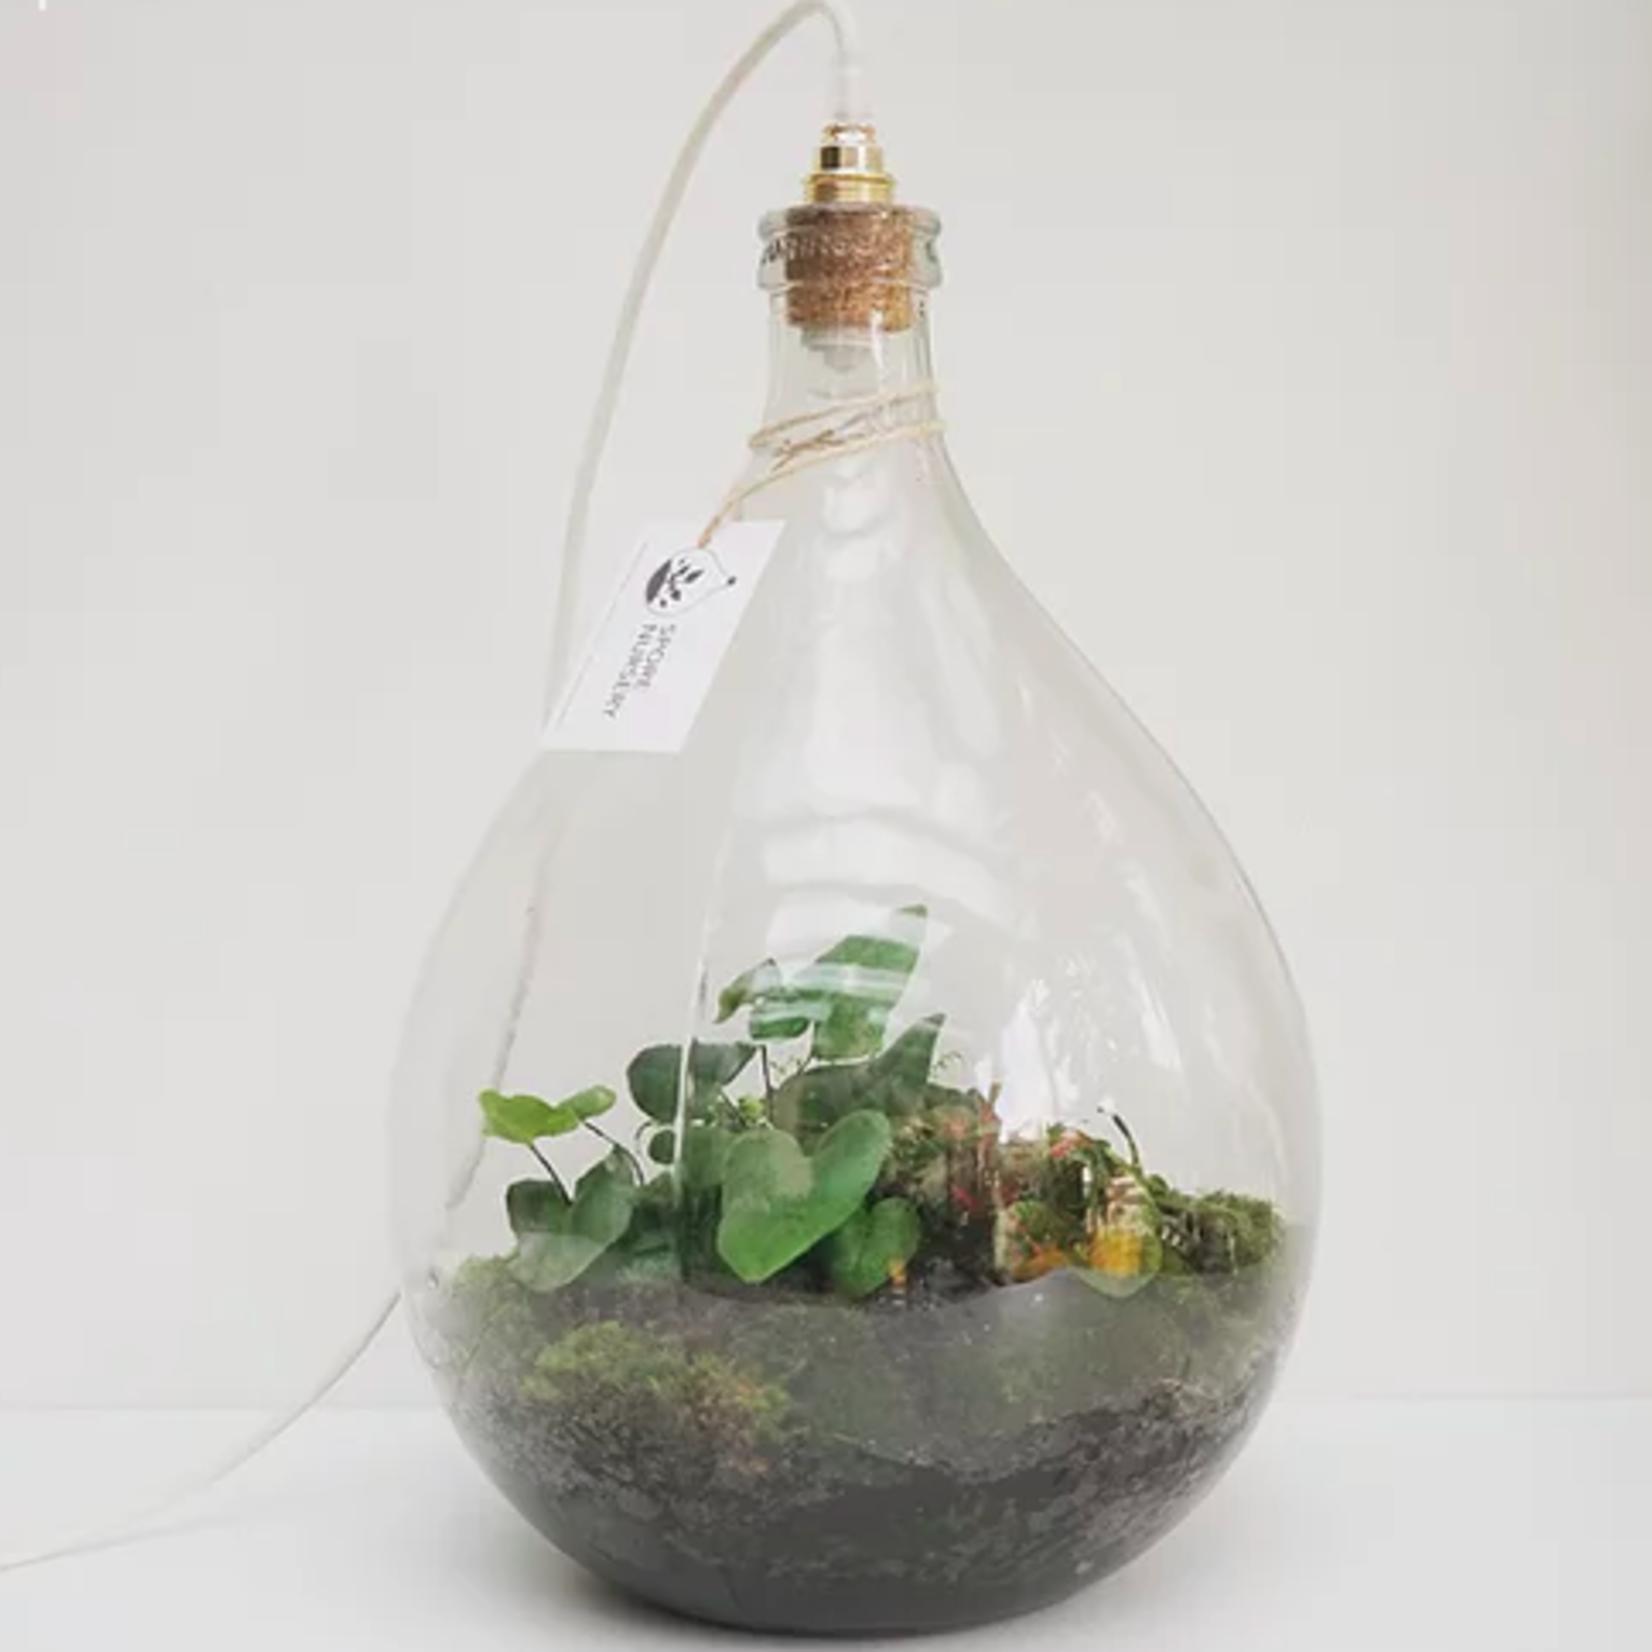 Spore Nursery Biosfeer 10 L met lamp